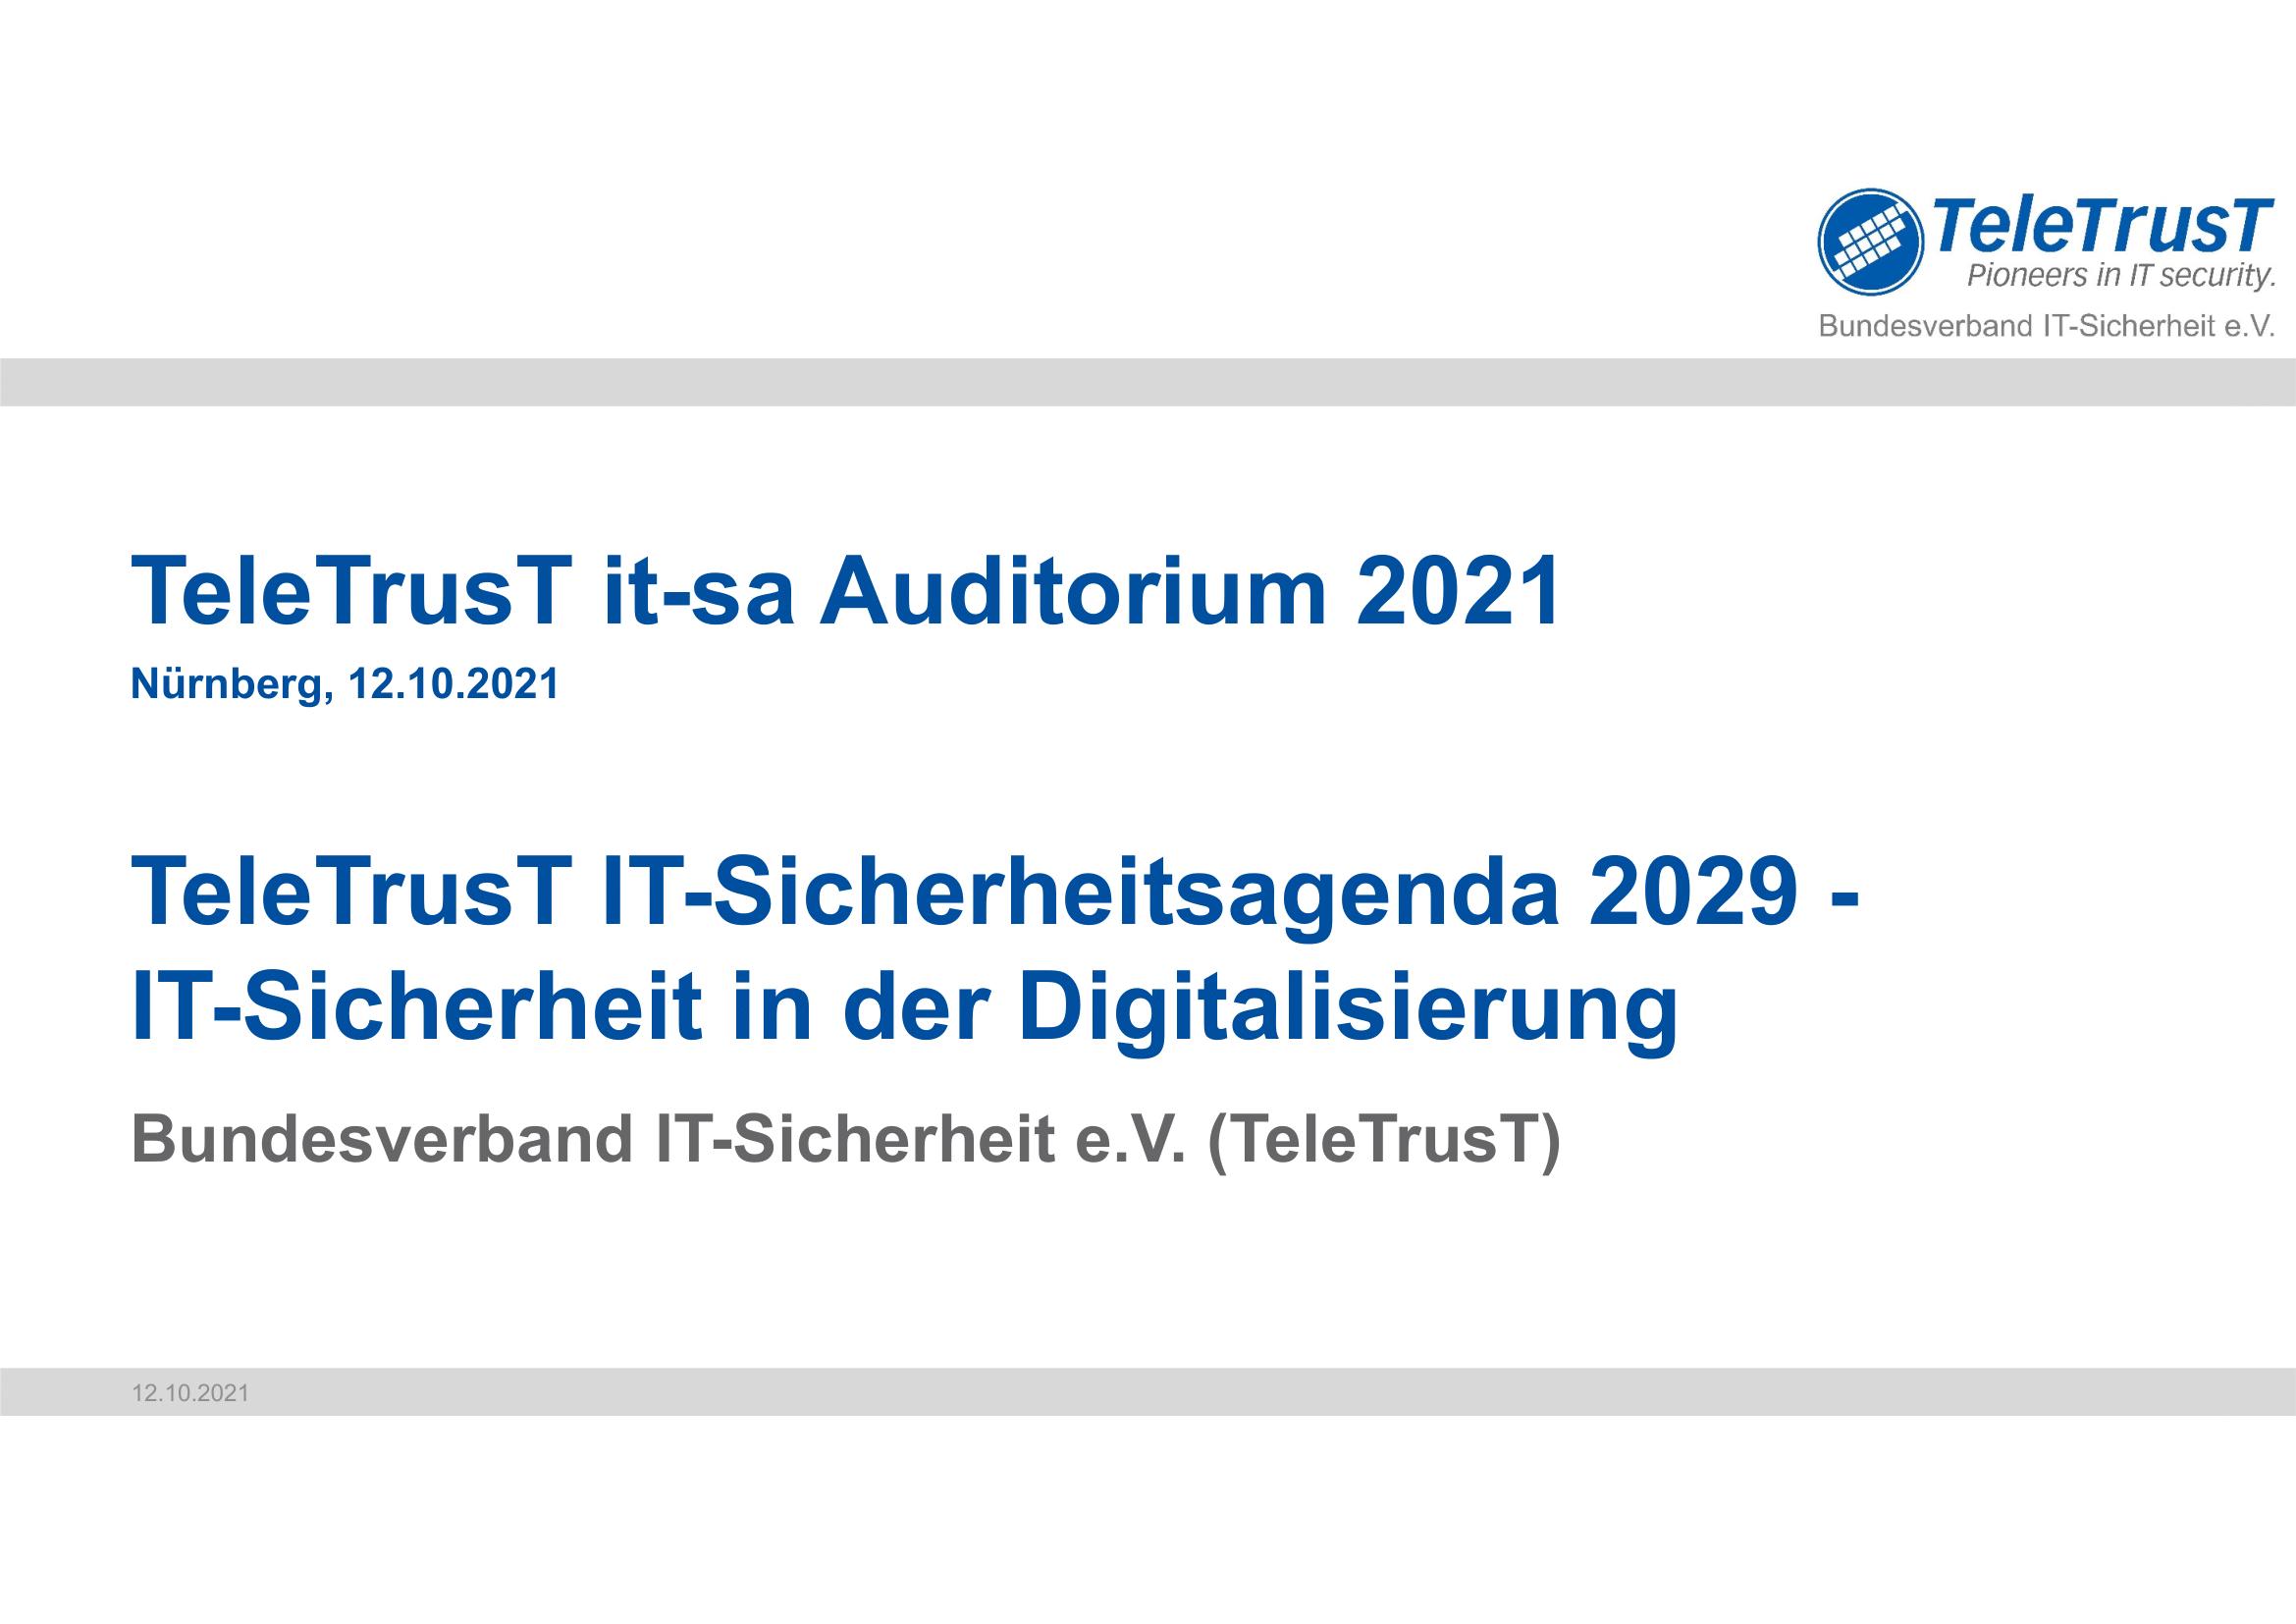 398 - TeleTrusT - IT-Sicherheitsagenda 2029 - IT-Sicherheit in der Digitalisierung - Prof Norbert Pohlmann